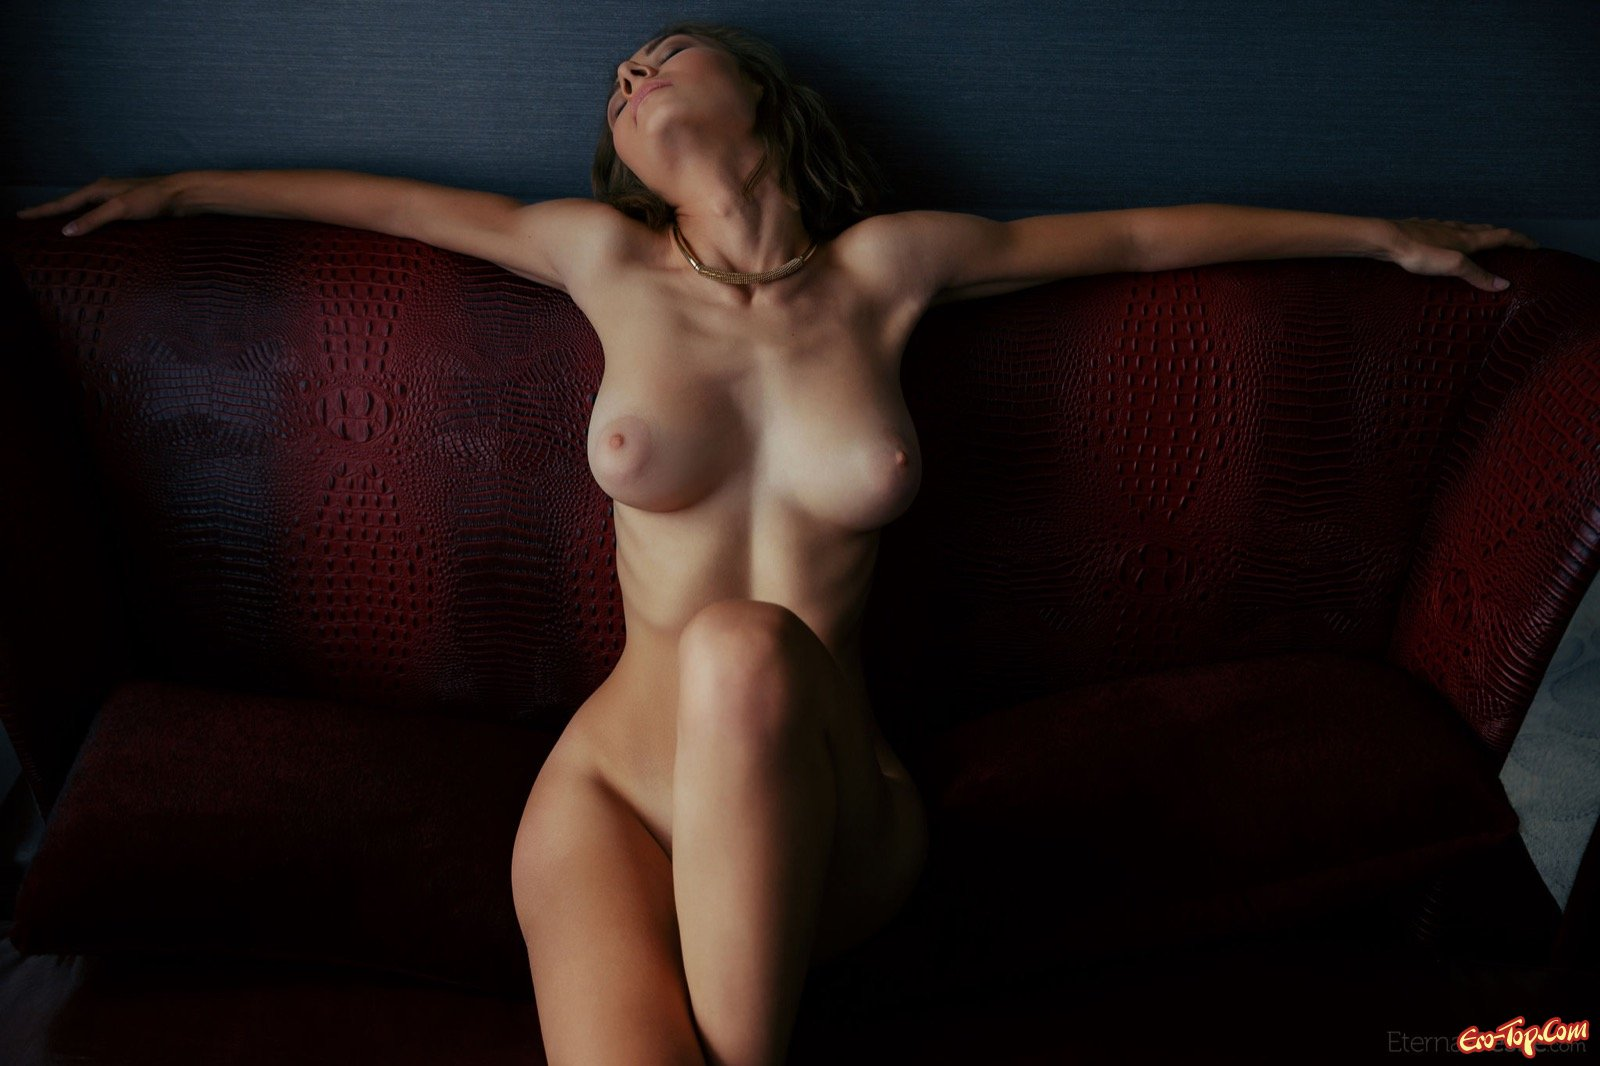 Стройная девушка с большой грудью позирует на диване